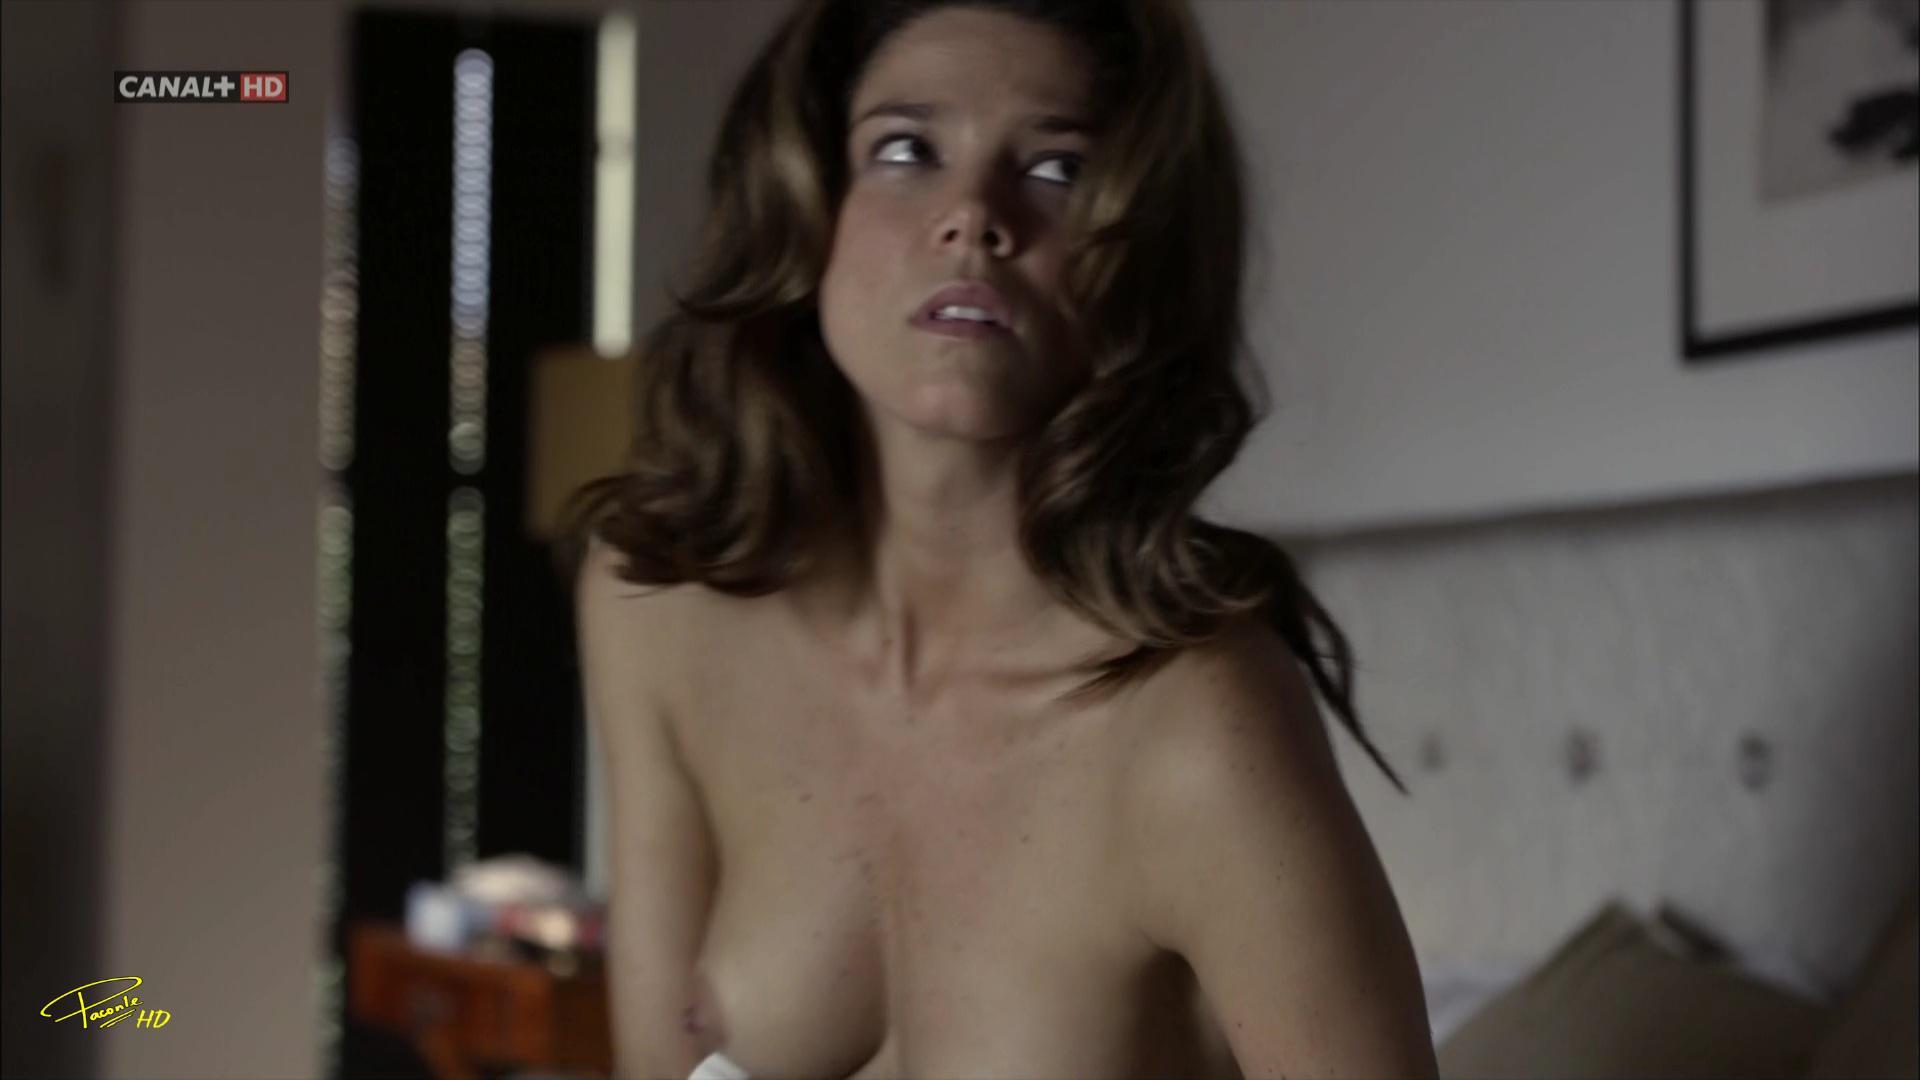 Video porno de juana la virjnen takes very